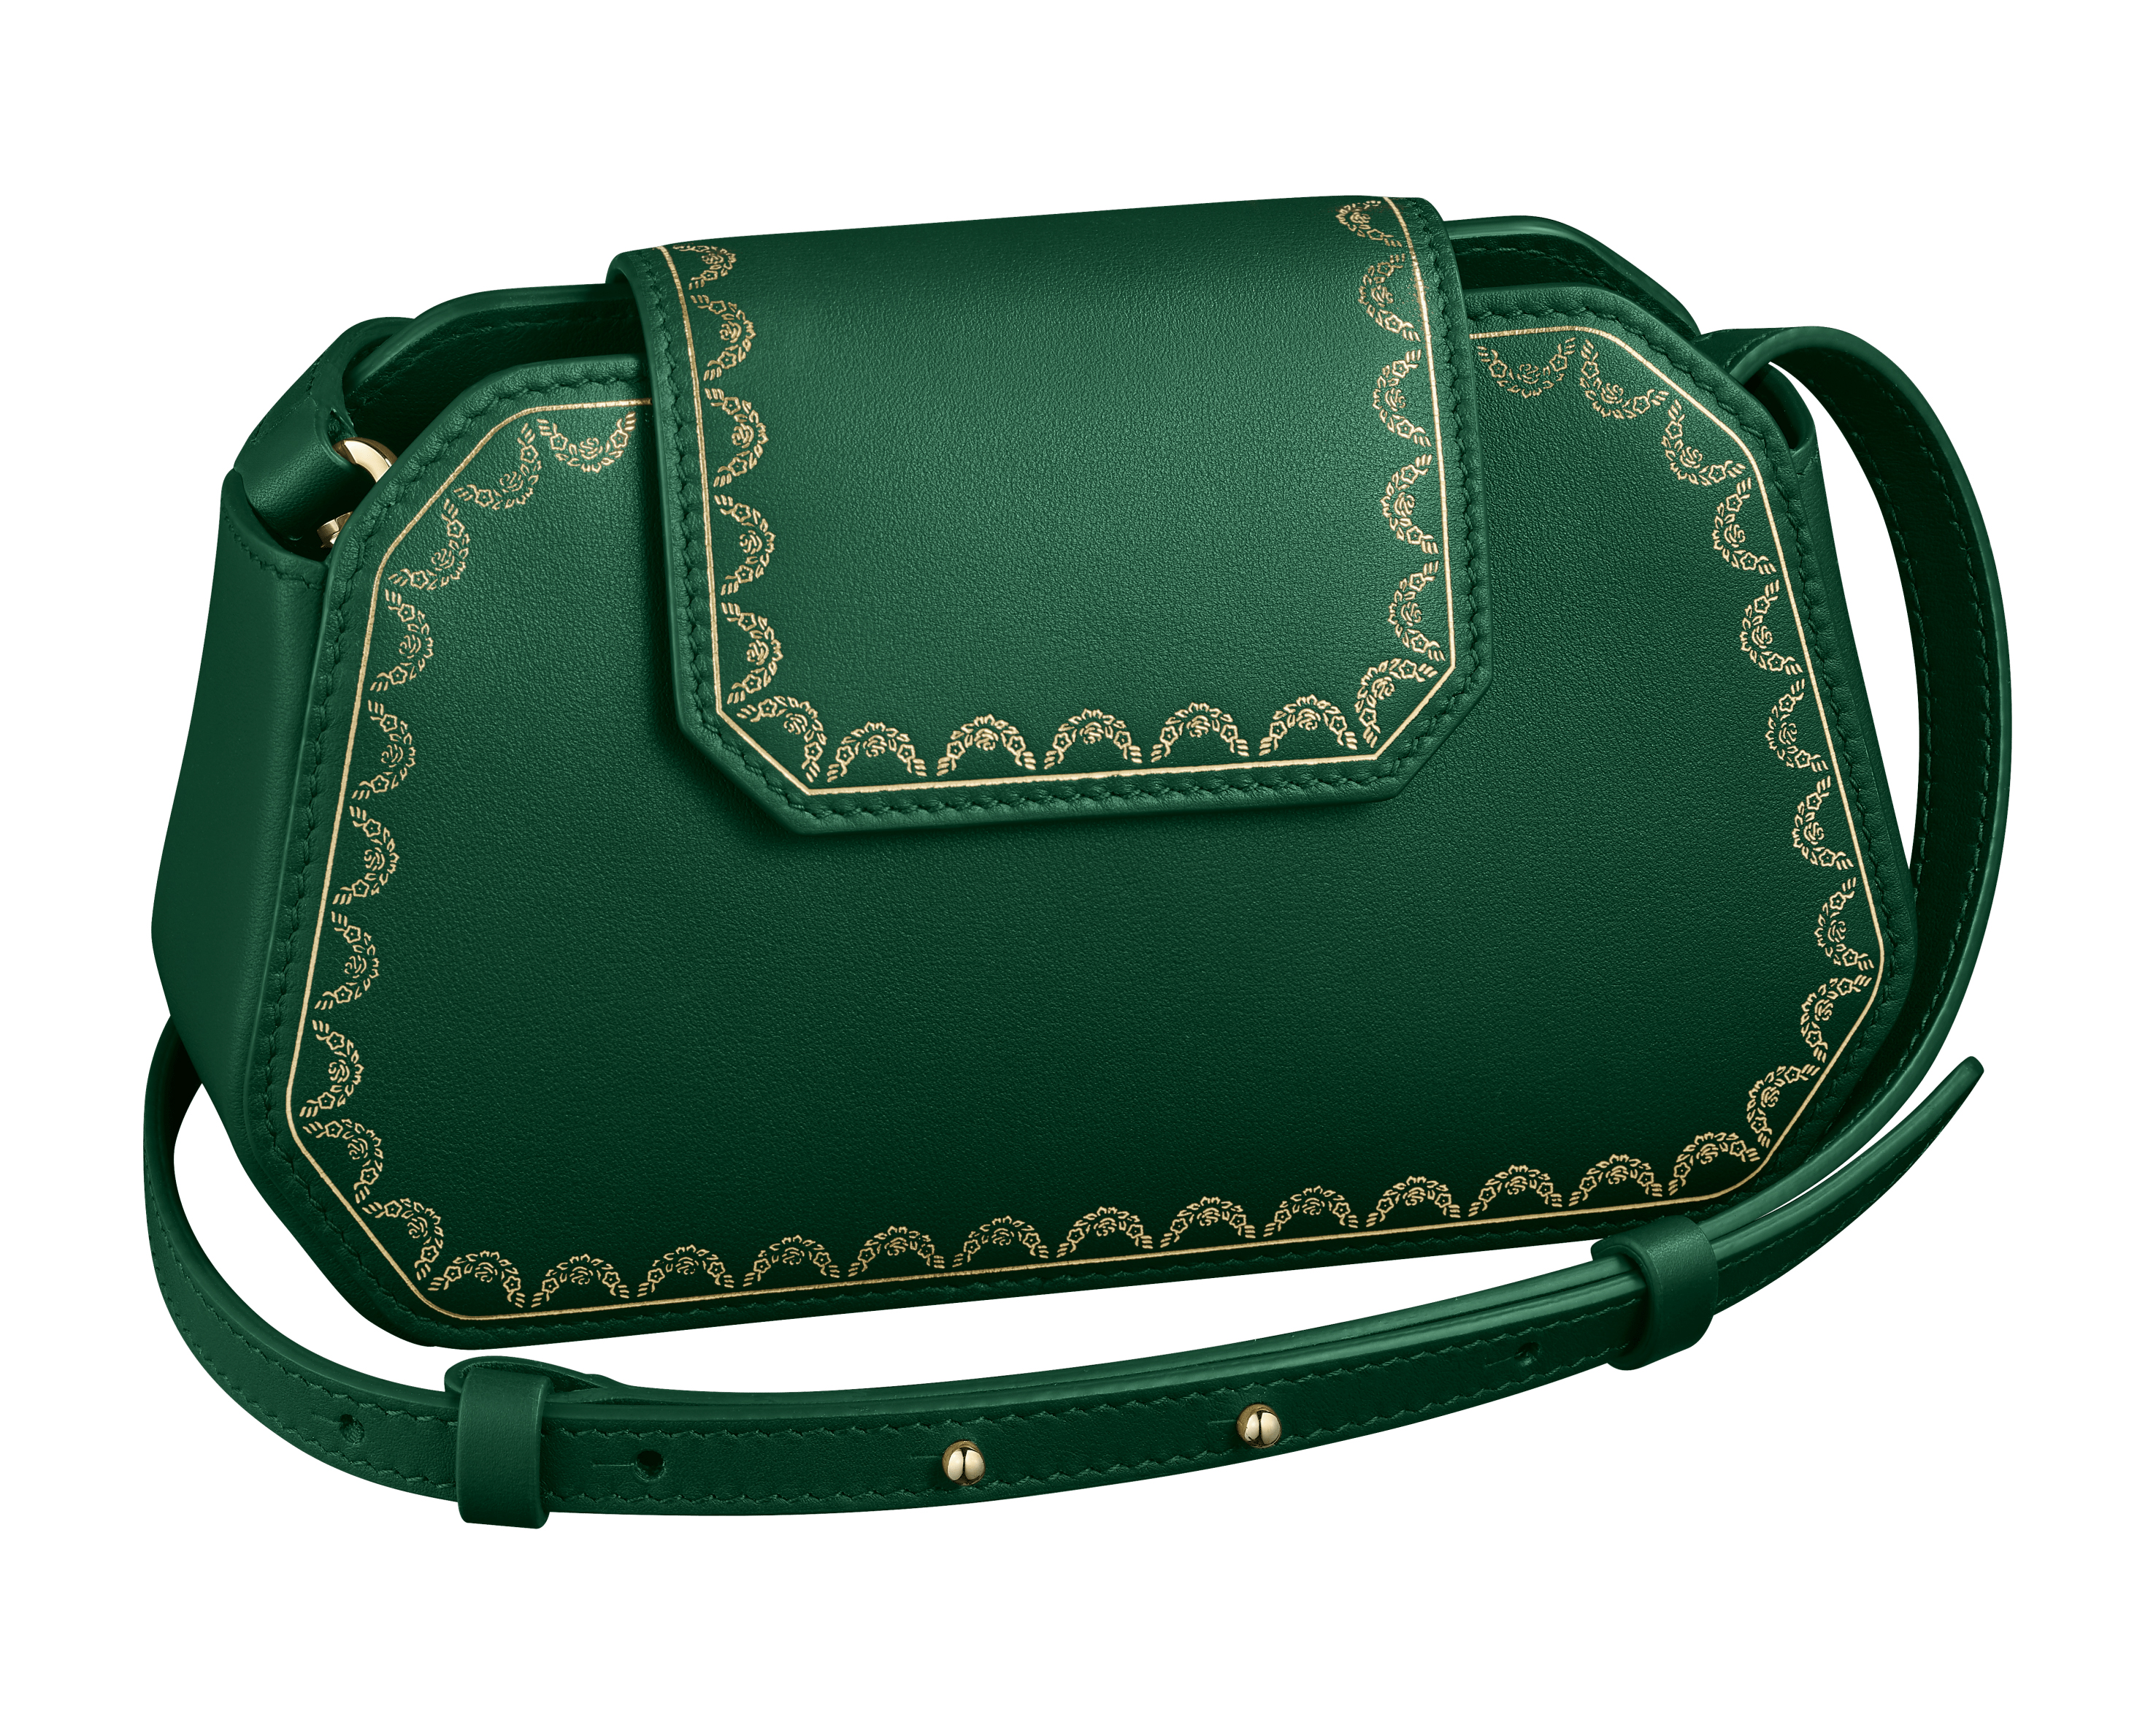 """Cartera Guirlande de Cartier representa el espíritu de la casa. El modelo """"nano"""" está disponible en verde, negro y rojo. (Suministrada)"""